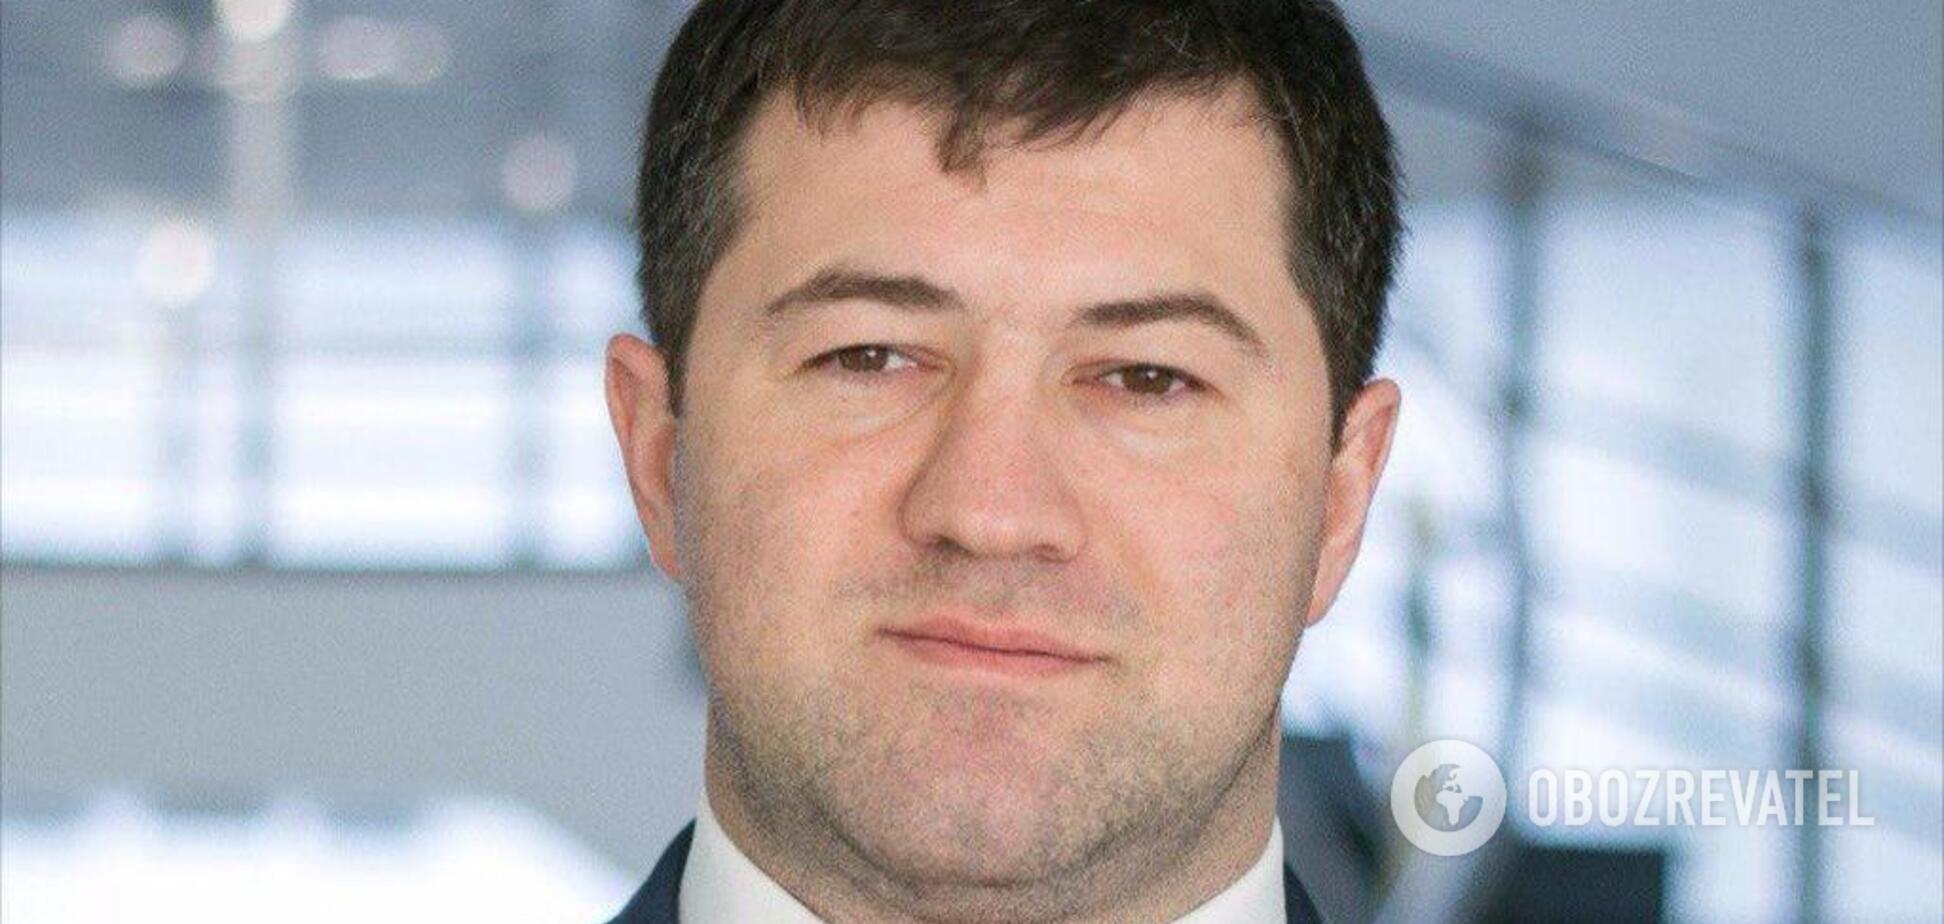 Роман Насіров офіційно зареєстрований кандидатом на посаду президента України